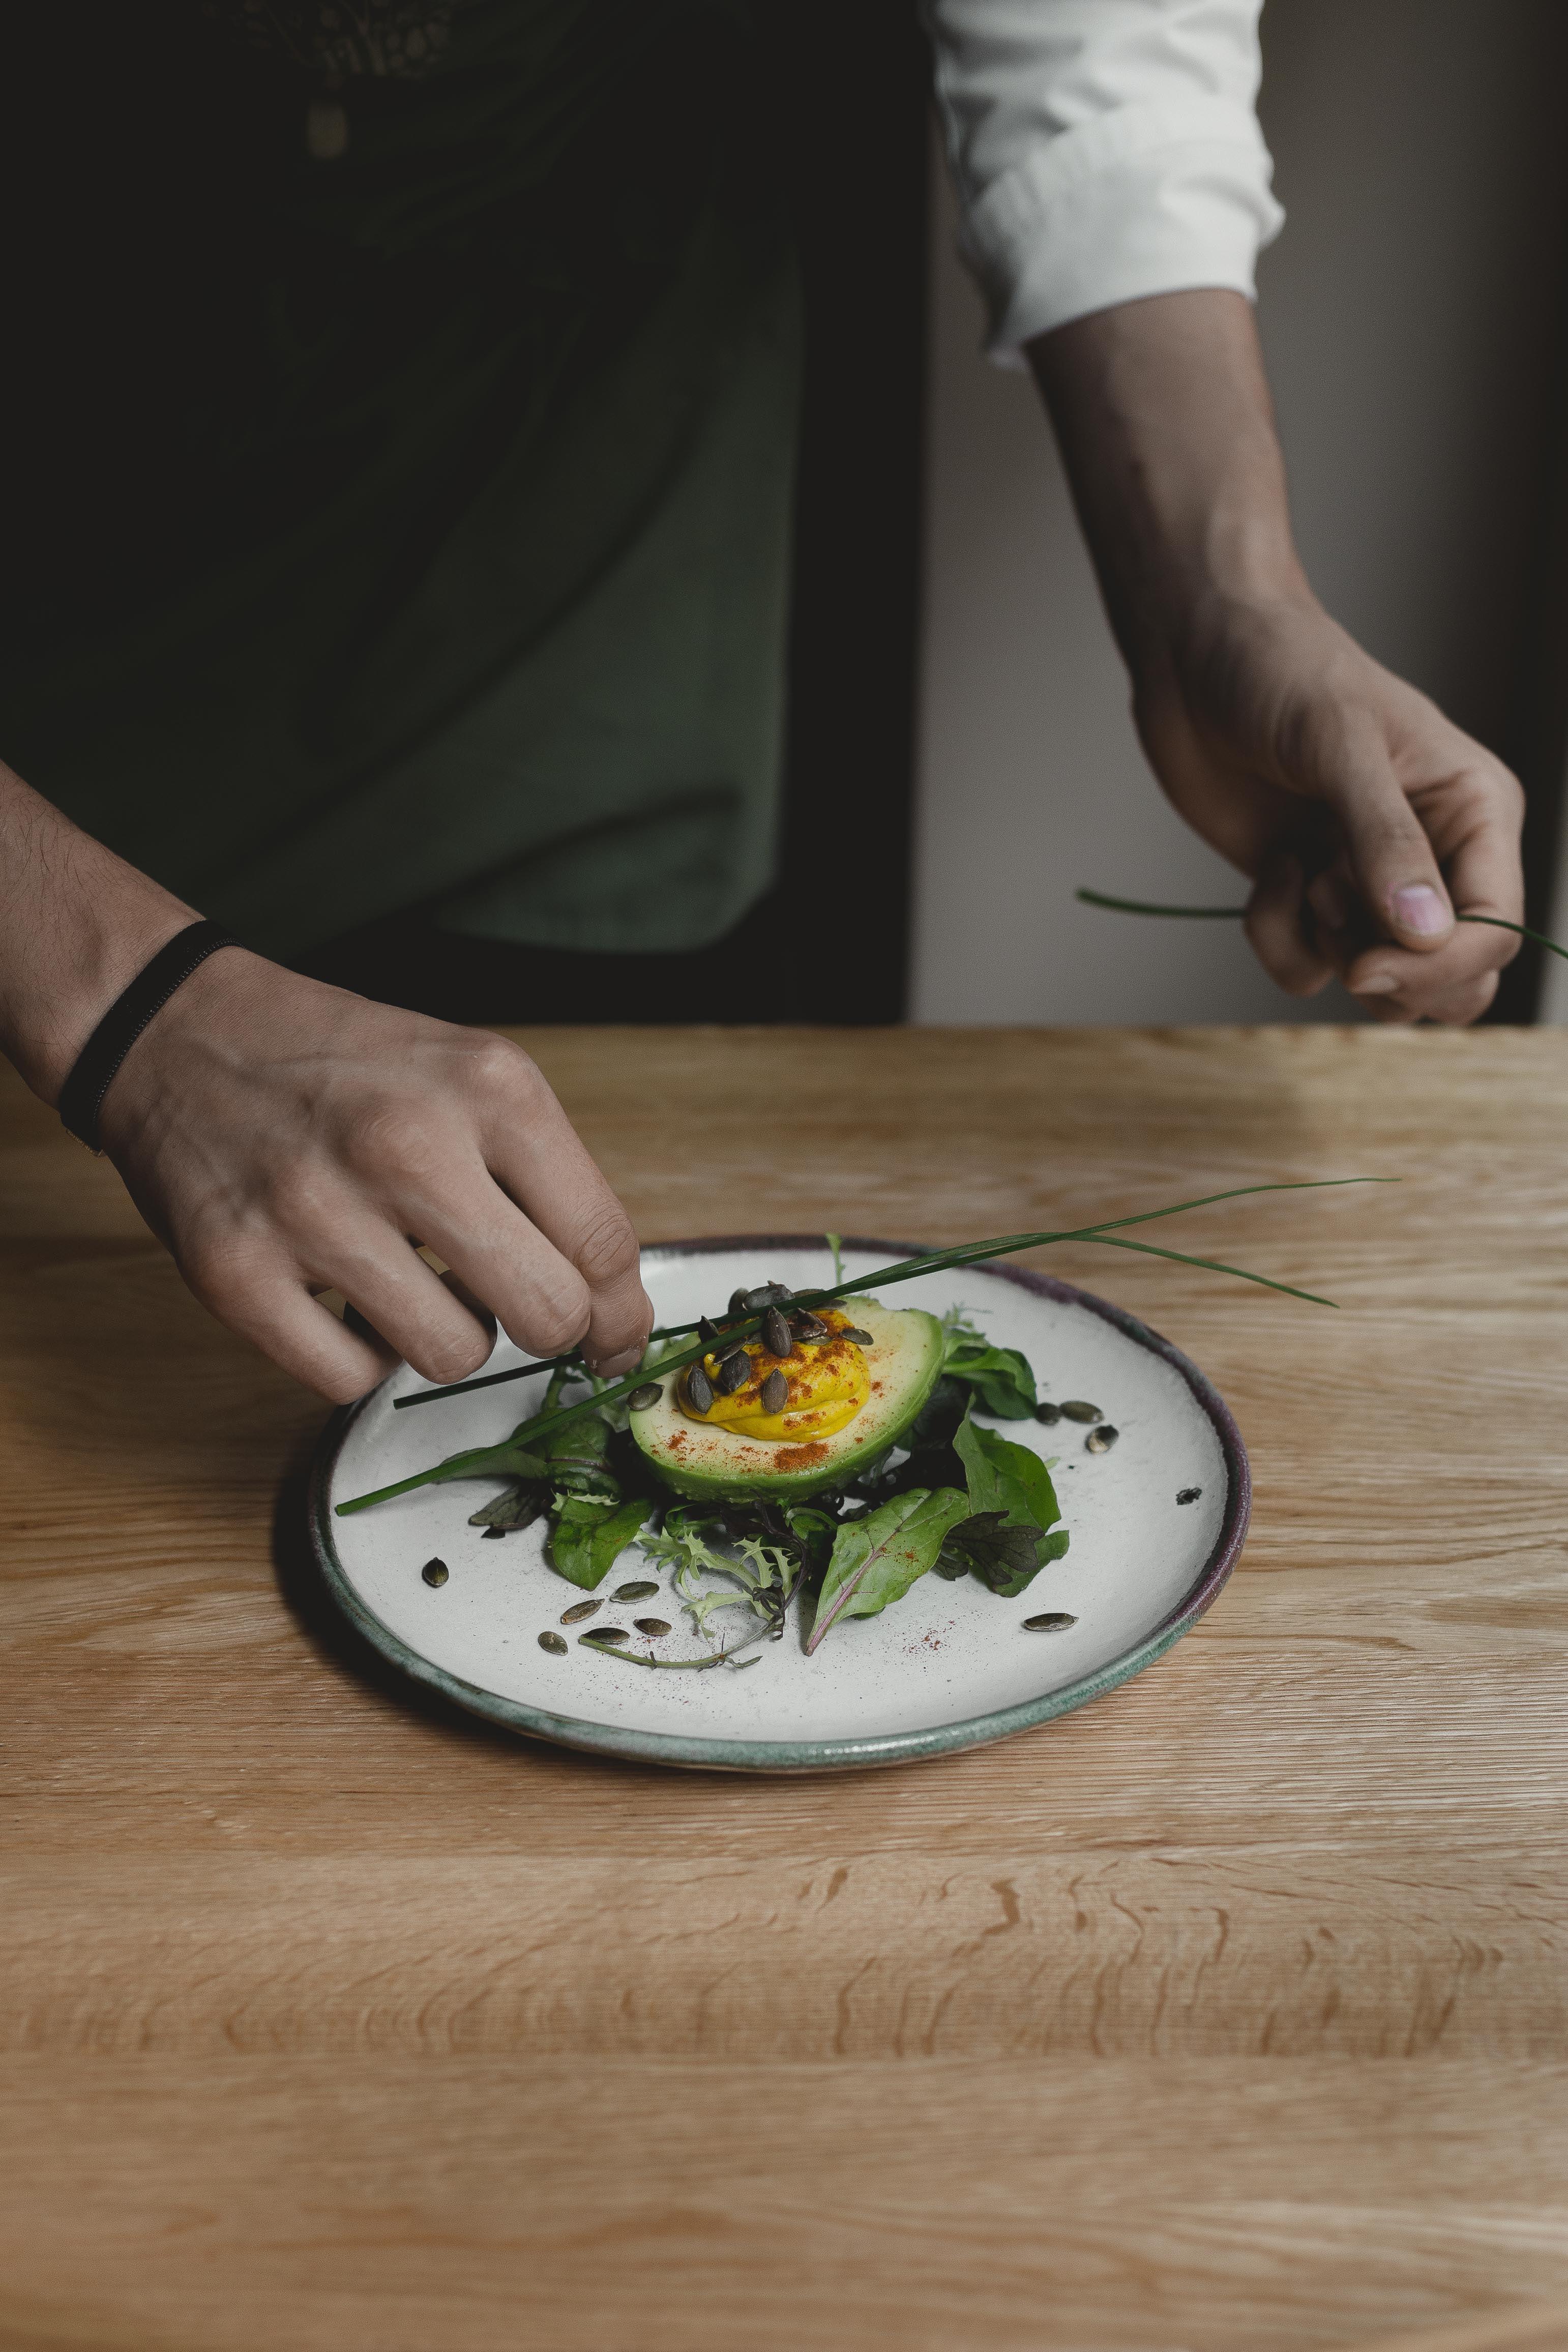 Egg style avocado